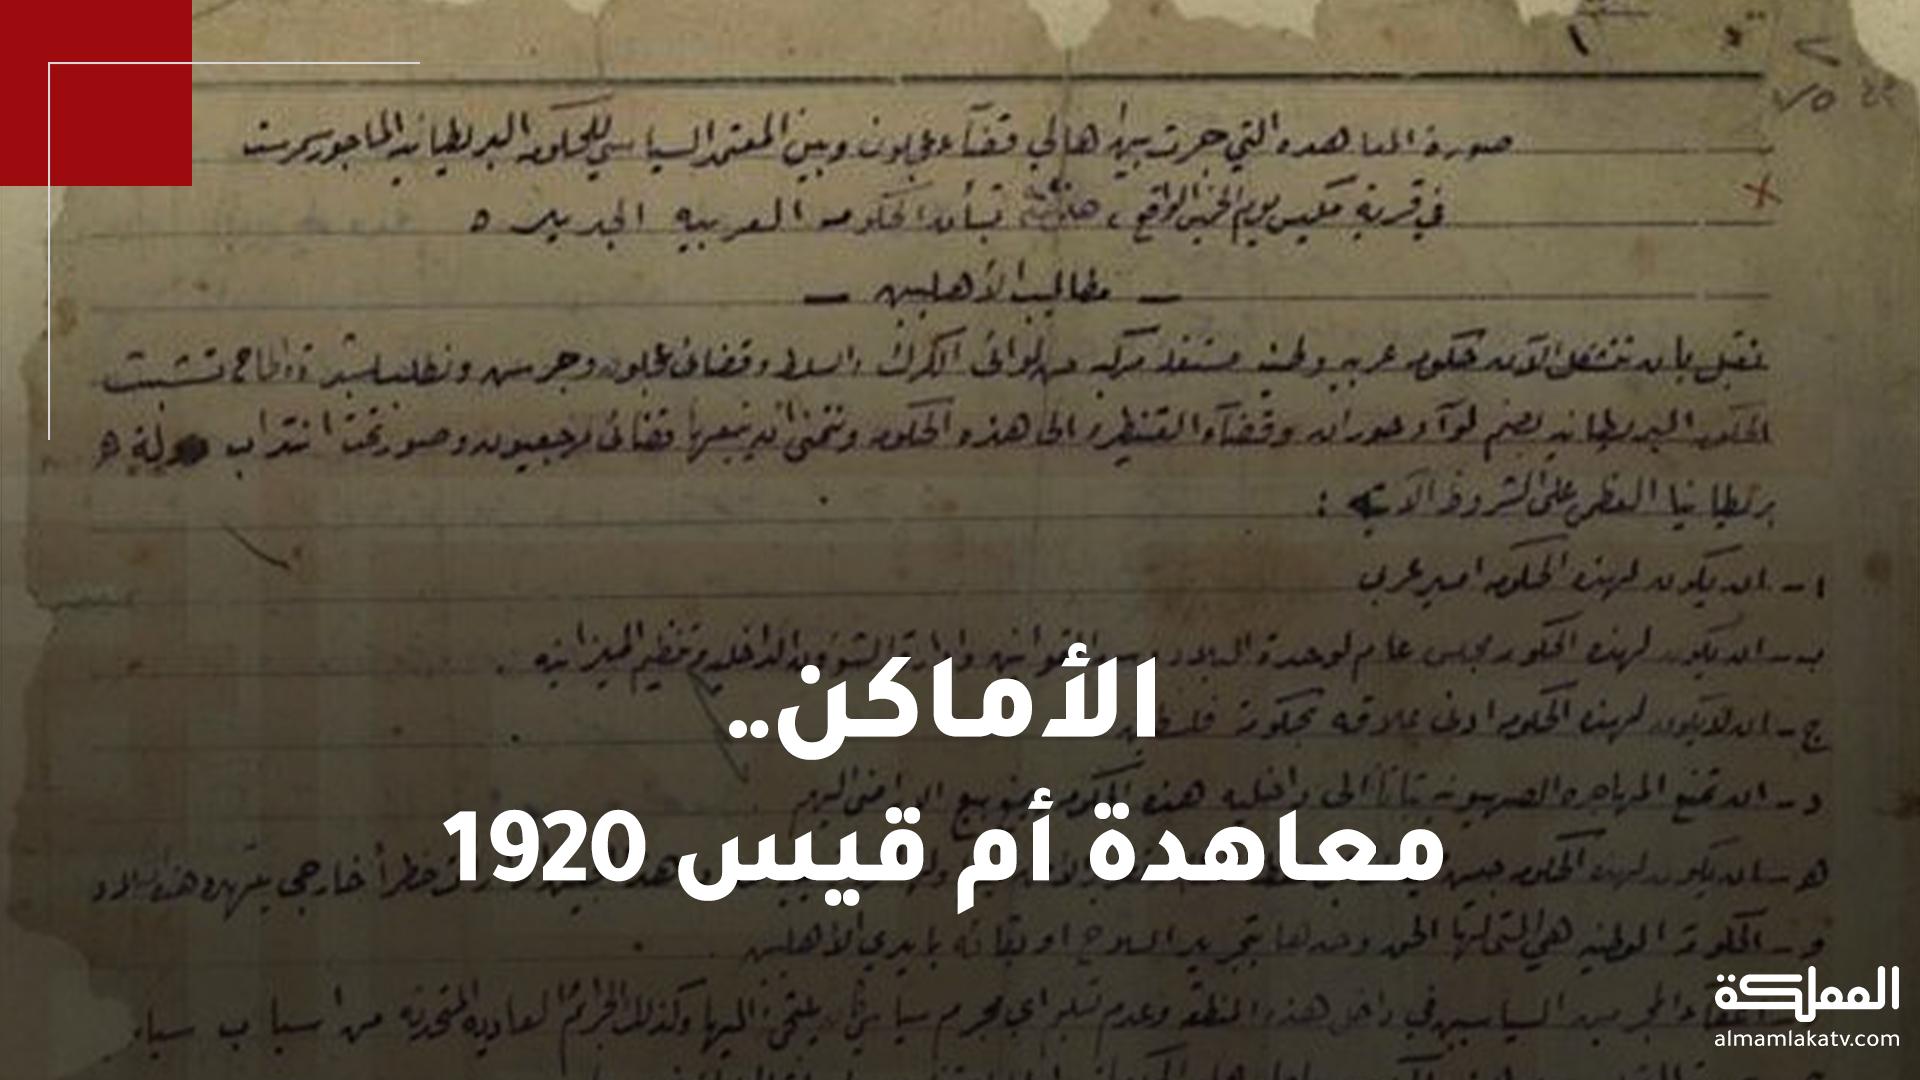 معاهدة أم قيس ،، ماذا تعرفون عن معاهدة أم قيس 1920؟